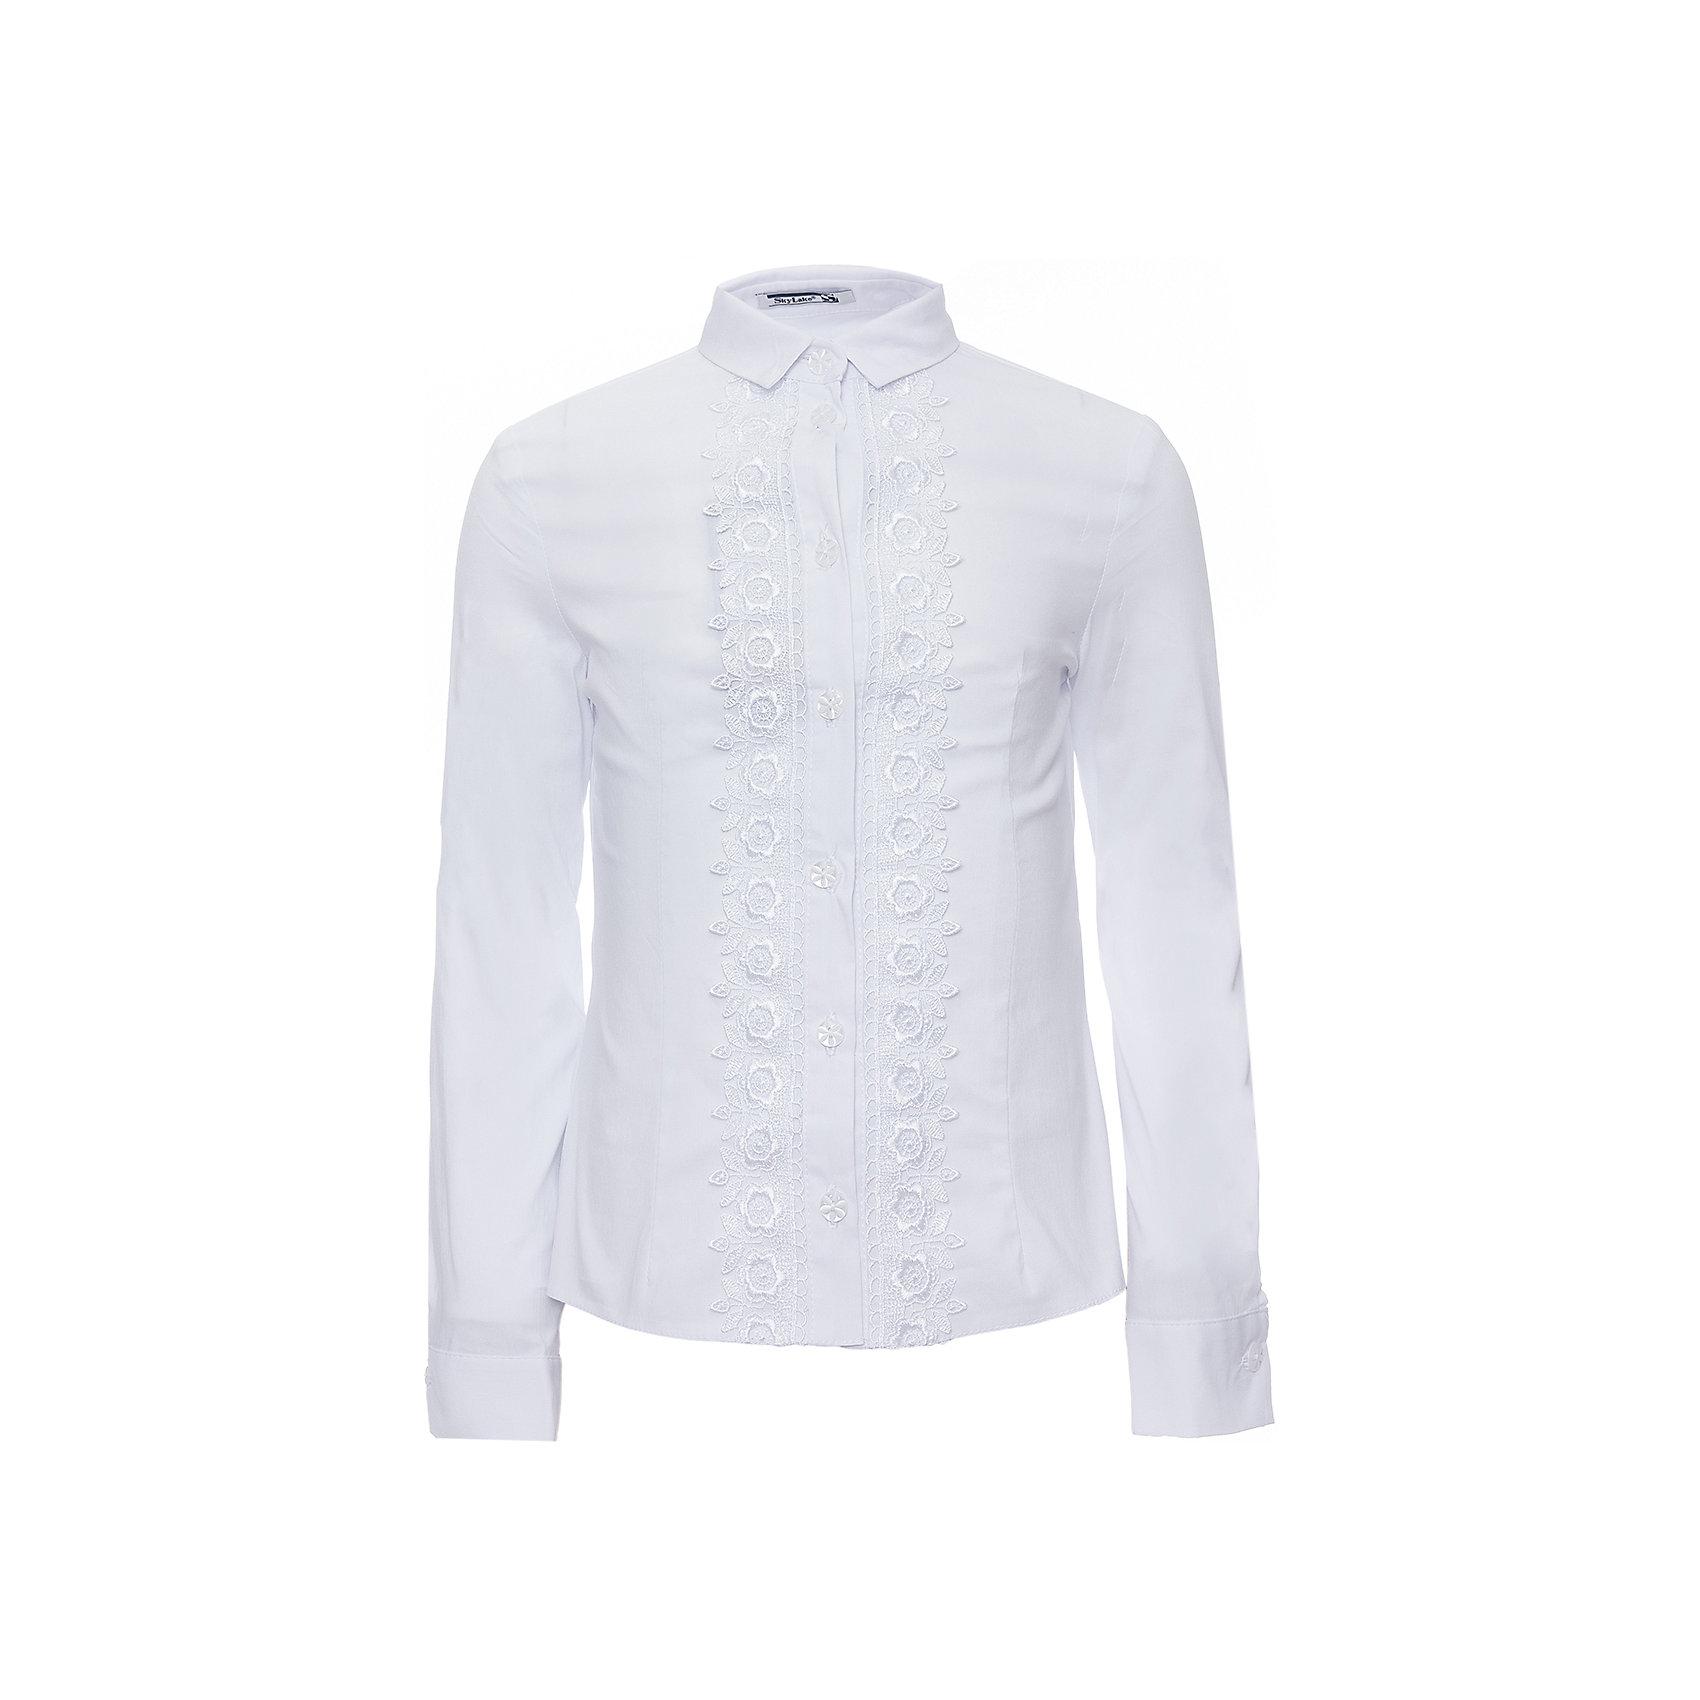 Блуза для девочки Маргарита SkylakeБлузки и рубашки<br>Блуза для девочки Маргарита от известного бренда Skylake<br>Блузка  прилегающего  силуэта для девочек младшего и среднего возраста.<br>Изготовлена из  смесовой хлопковой ткани белого цвета.<br>Блузка  с  застежкой   спереди на планку с пуговицами.<br>Планка  украшена  с двух сторон тесьмой-кружевом.<br>Воротник отложной на отрезной стойке с концами острой формы. <br>Рукава  втачные длинные на манжетах.<br>Состав:<br>74%хлопок,23%п/э,3%лайкра (ПУ)<br><br>Ширина мм: 186<br>Глубина мм: 87<br>Высота мм: 198<br>Вес г: 197<br>Цвет: белый<br>Возраст от месяцев: 120<br>Возраст до месяцев: 132<br>Пол: Женский<br>Возраст: Детский<br>Размер: 134,140,146,152,128<br>SKU: 4723344